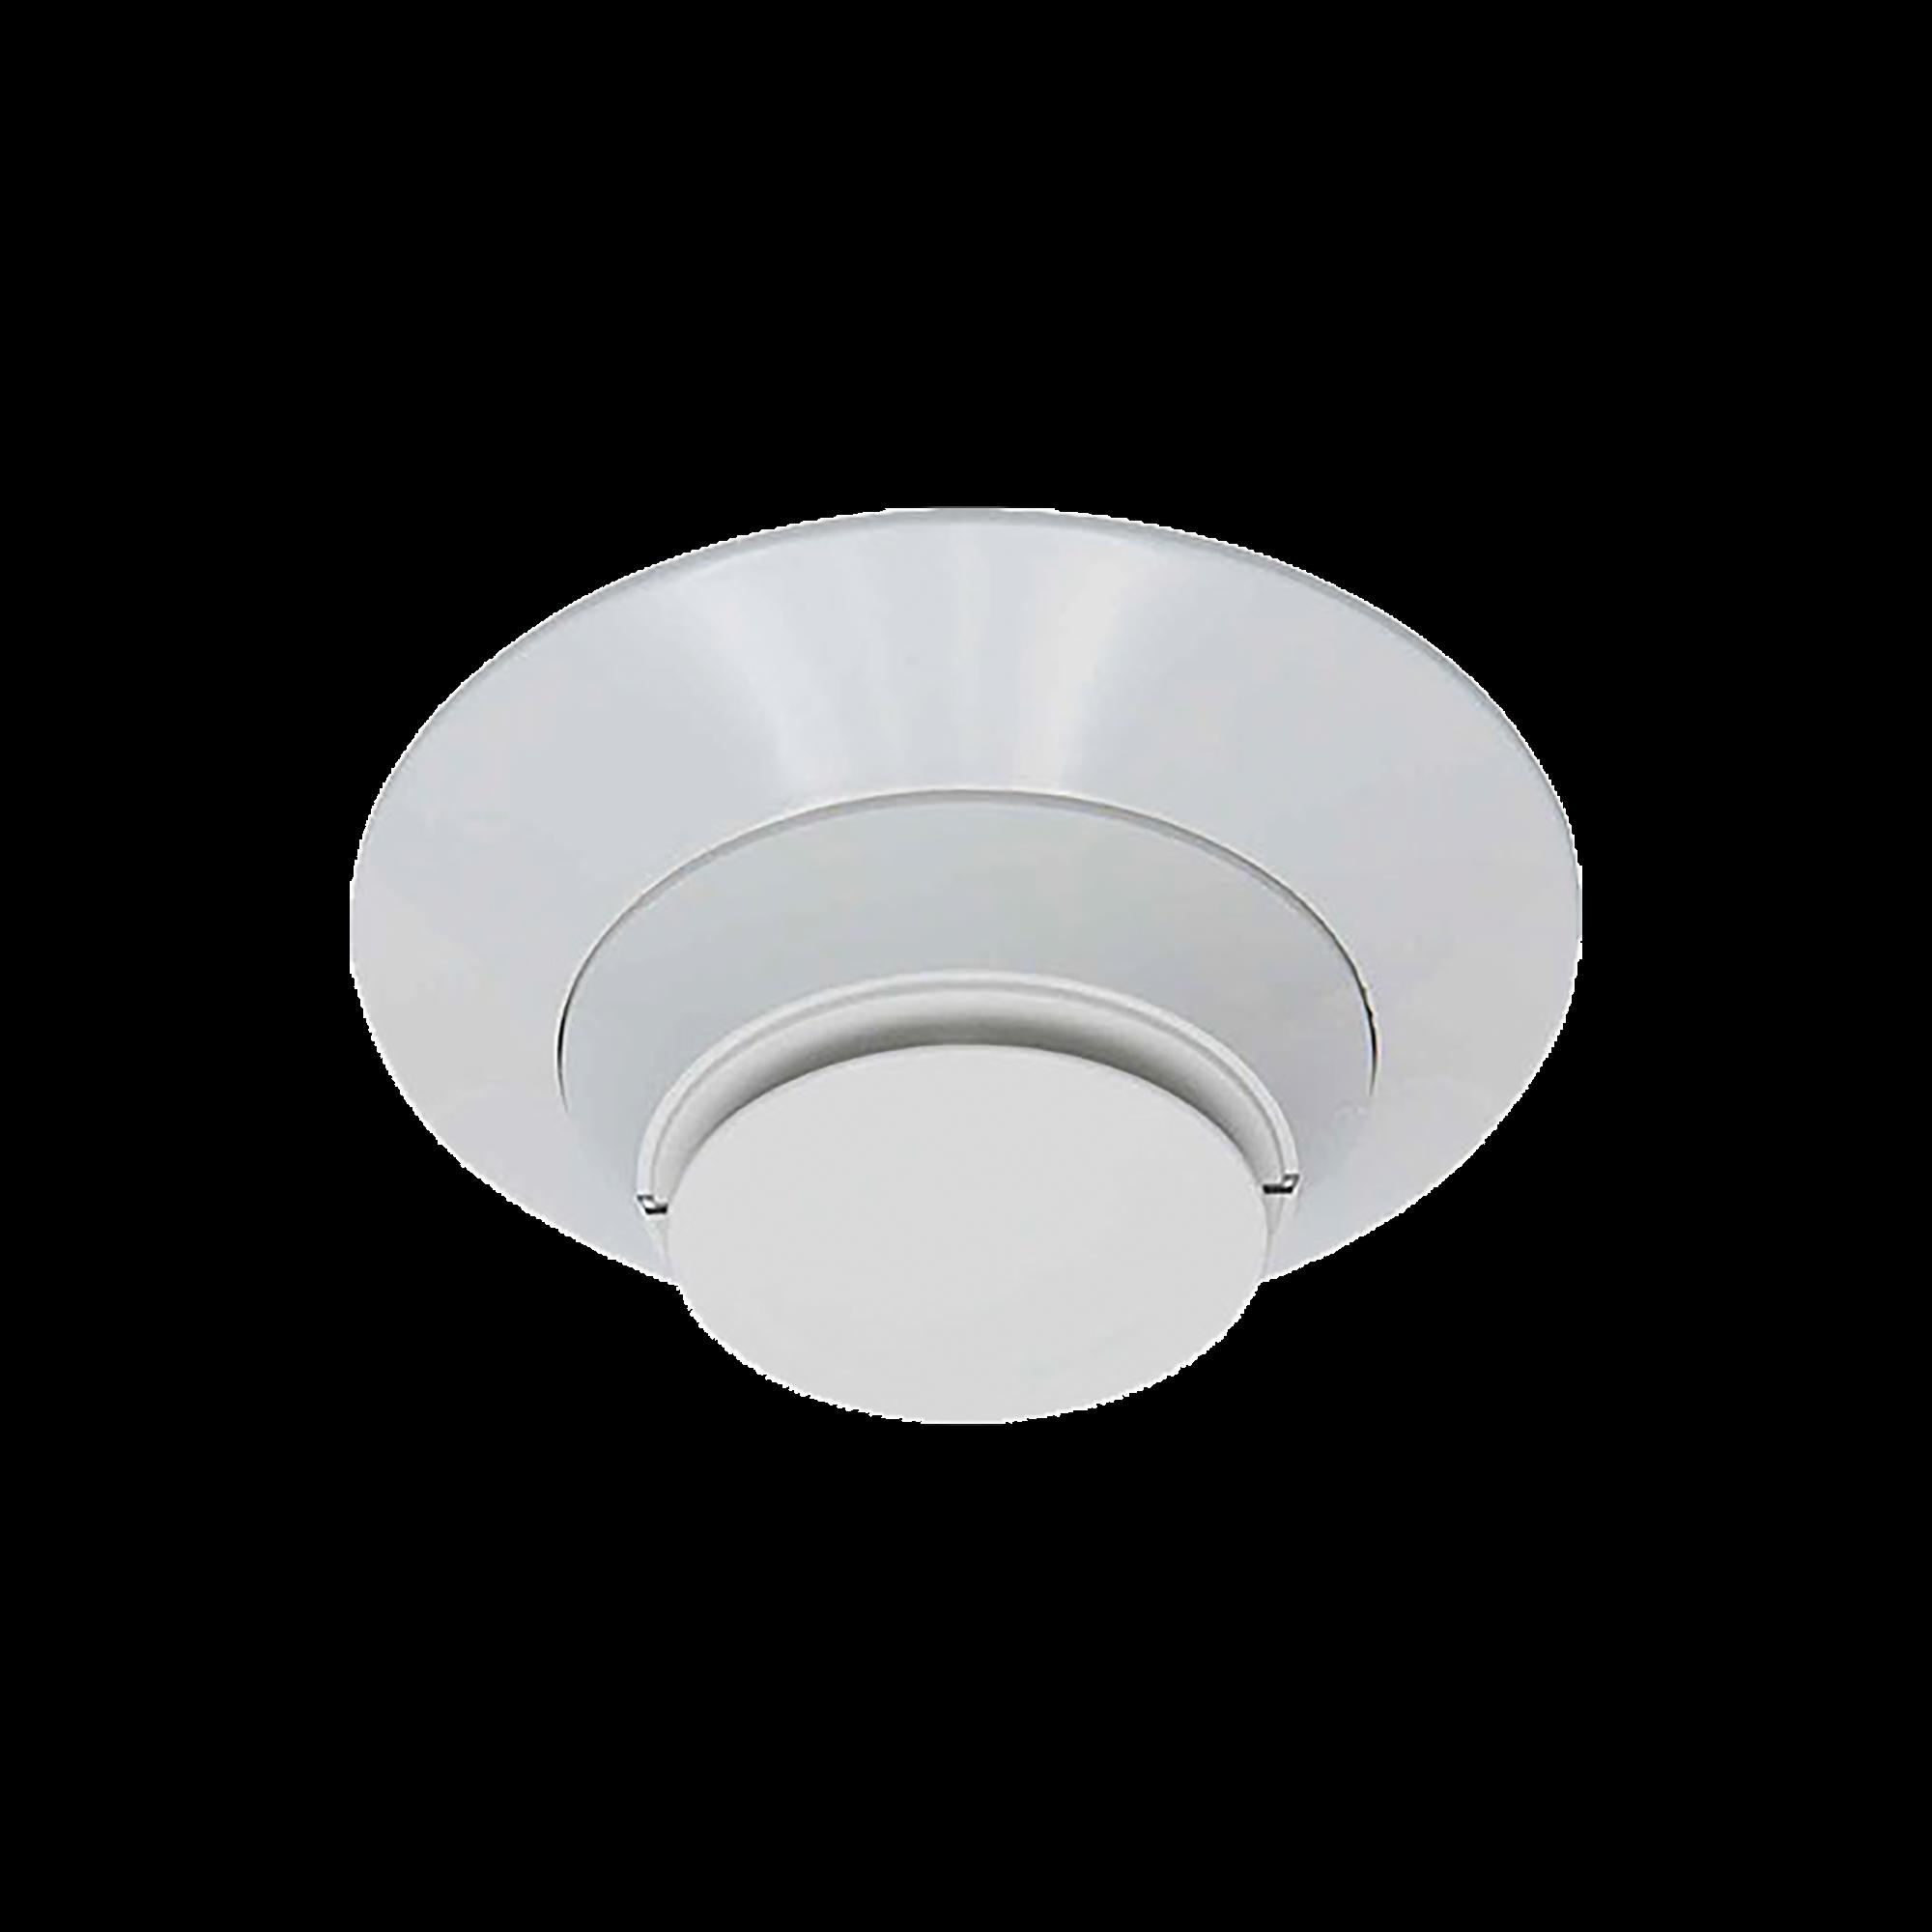 Detector De Humo Direccionable Con Prueba Remota Para Ductos Uso Panel Fire-lite Direccionable